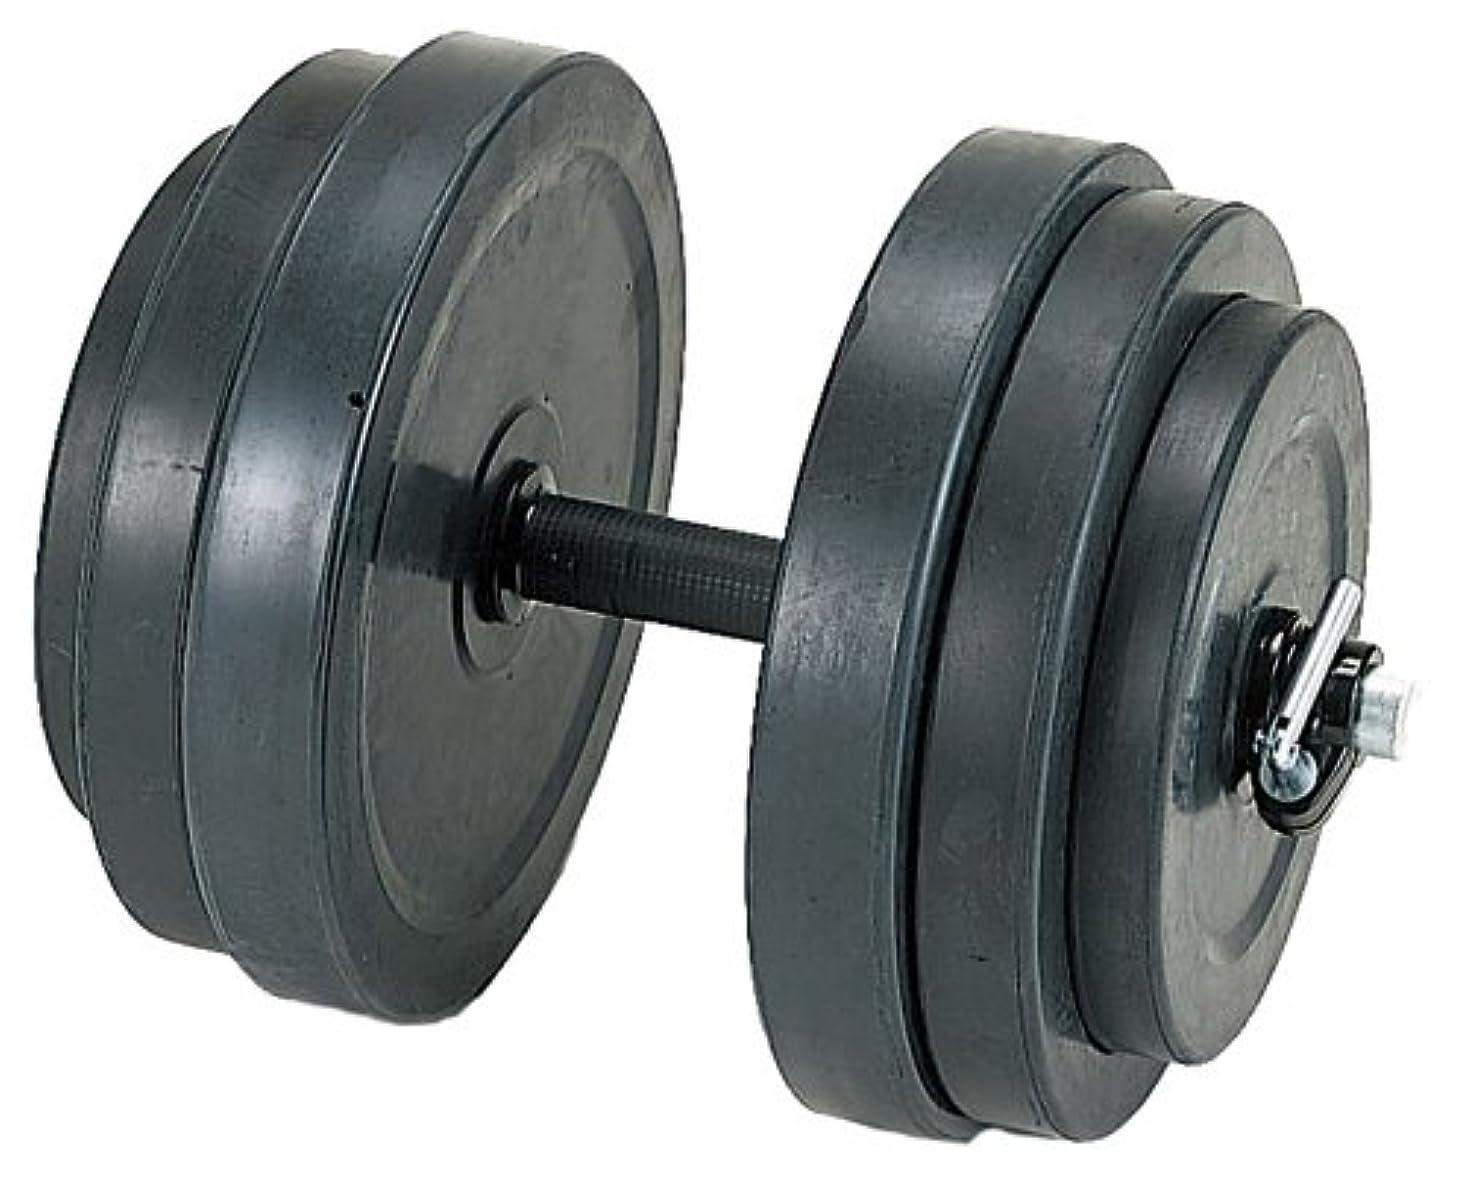 かどうか立方体権限を与えるダンノ(DANNO) ラバーベルST28 20kgセット D-5703